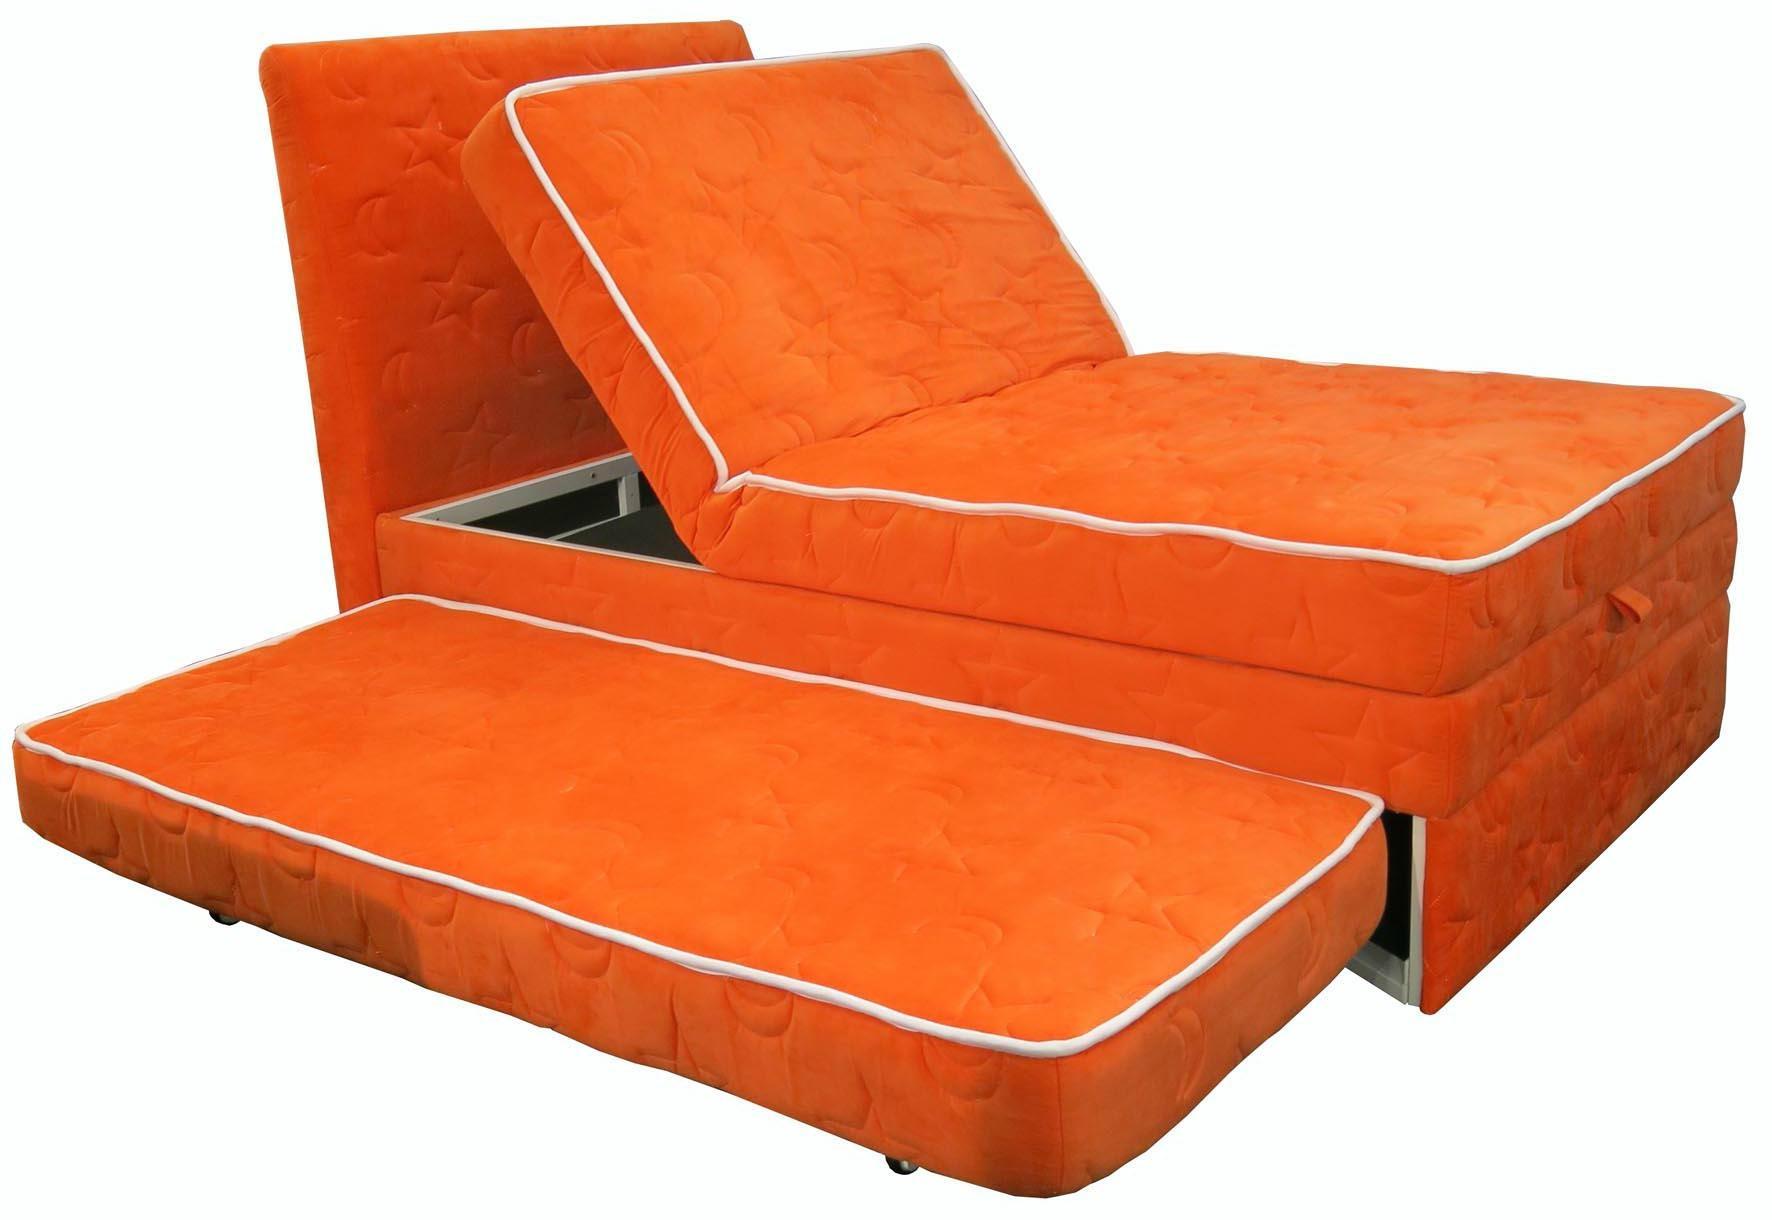 Modern Bedroom Furniture Lift Up Storage Adjustable Bed 3